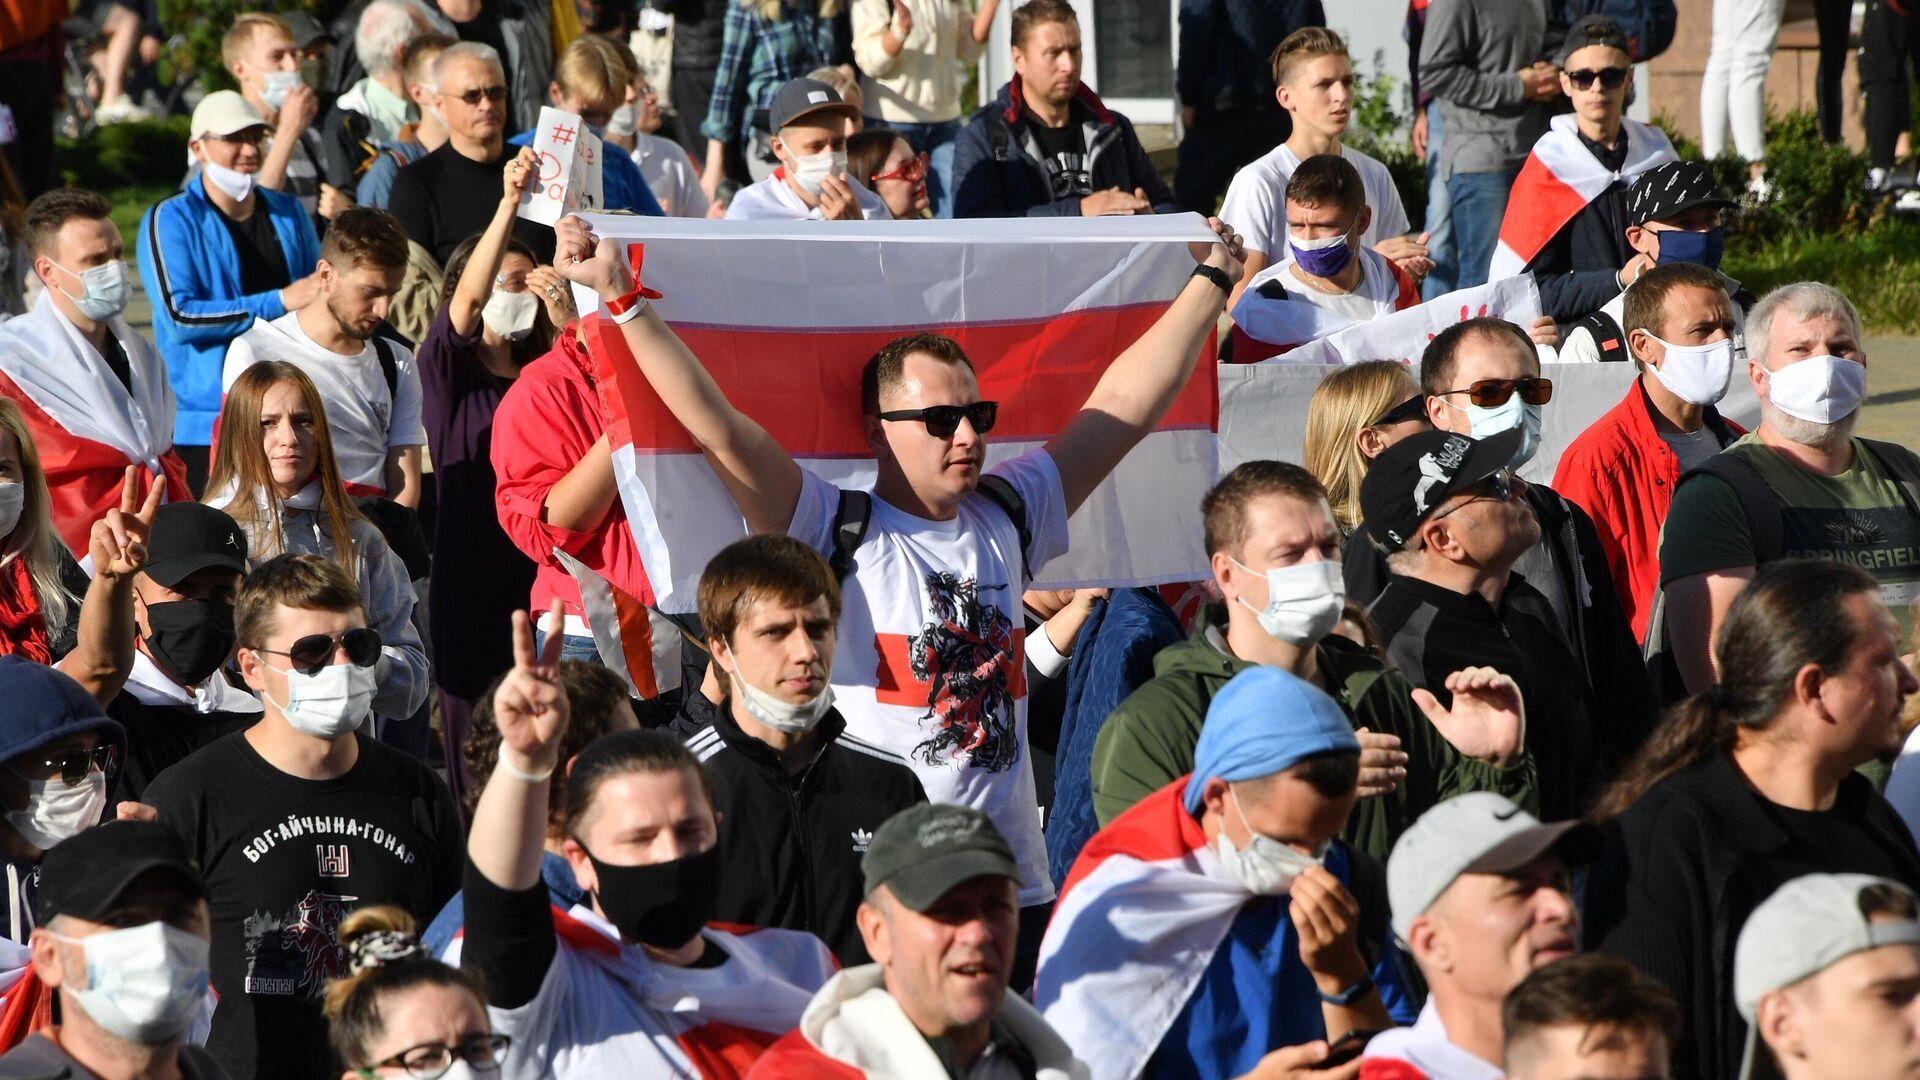 Акция протеста Марш справедливости в Минске - РИА Новости, 1920, 21.09.2020